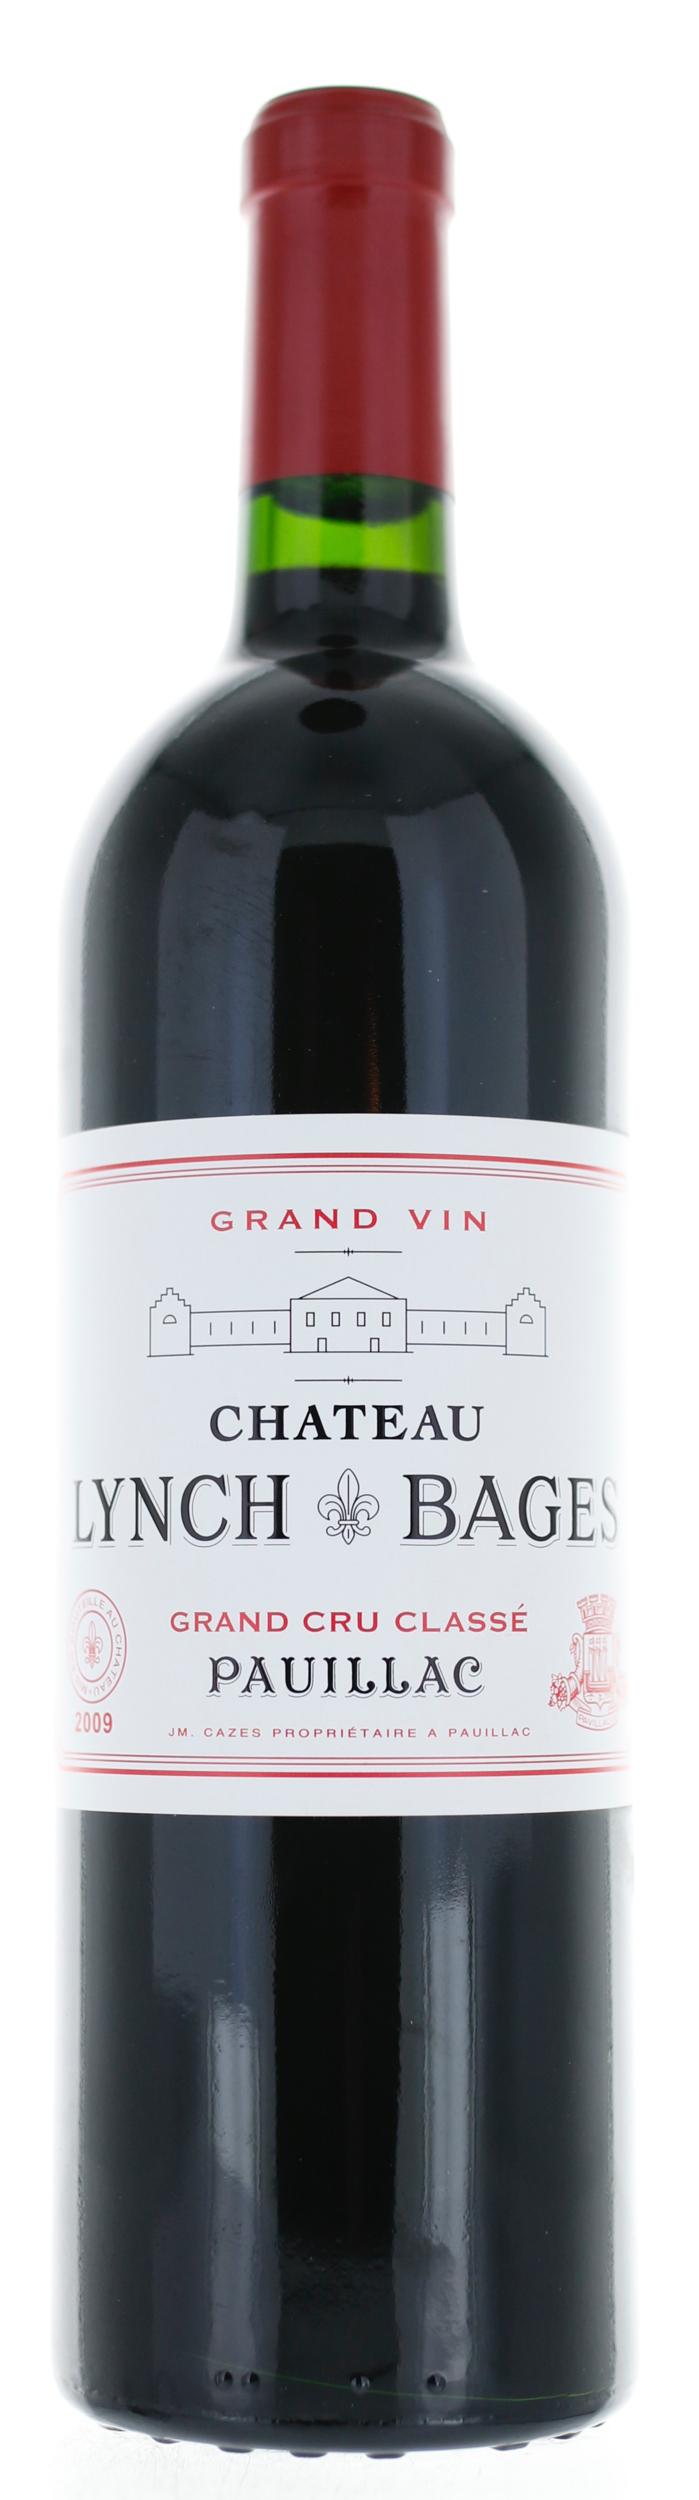 Pauillac - Château Lynch Bages - 2009